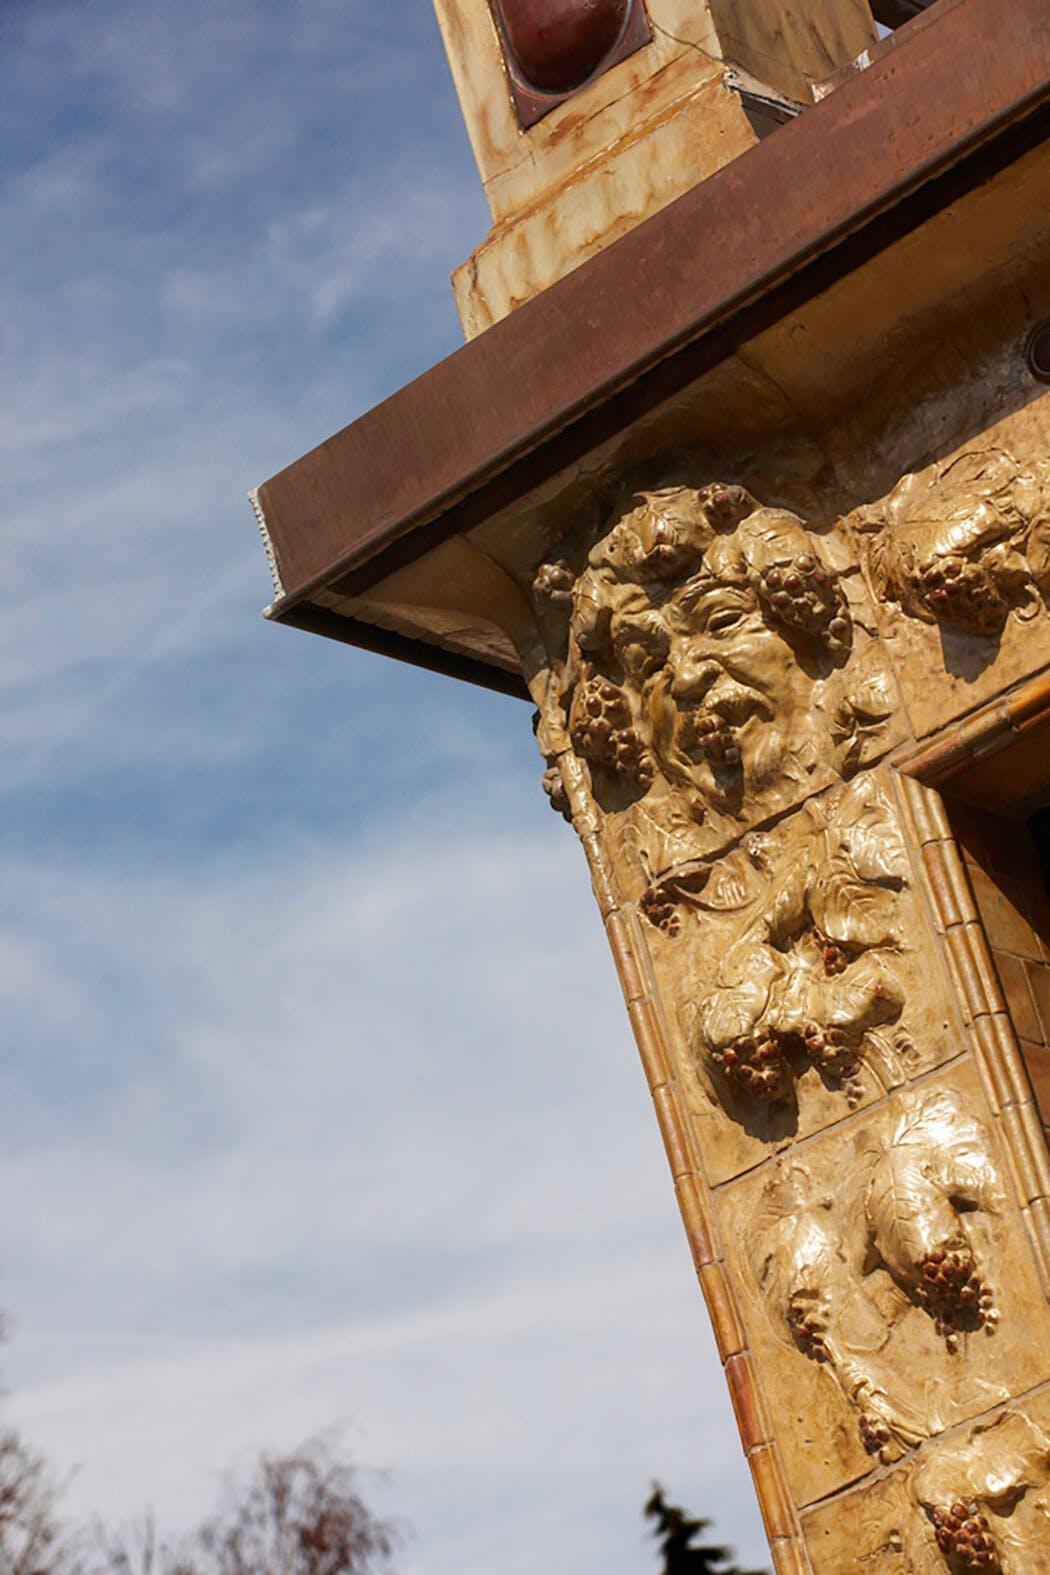 Rénovation de luxe des ornementations pour conserver le charme de l'édifice